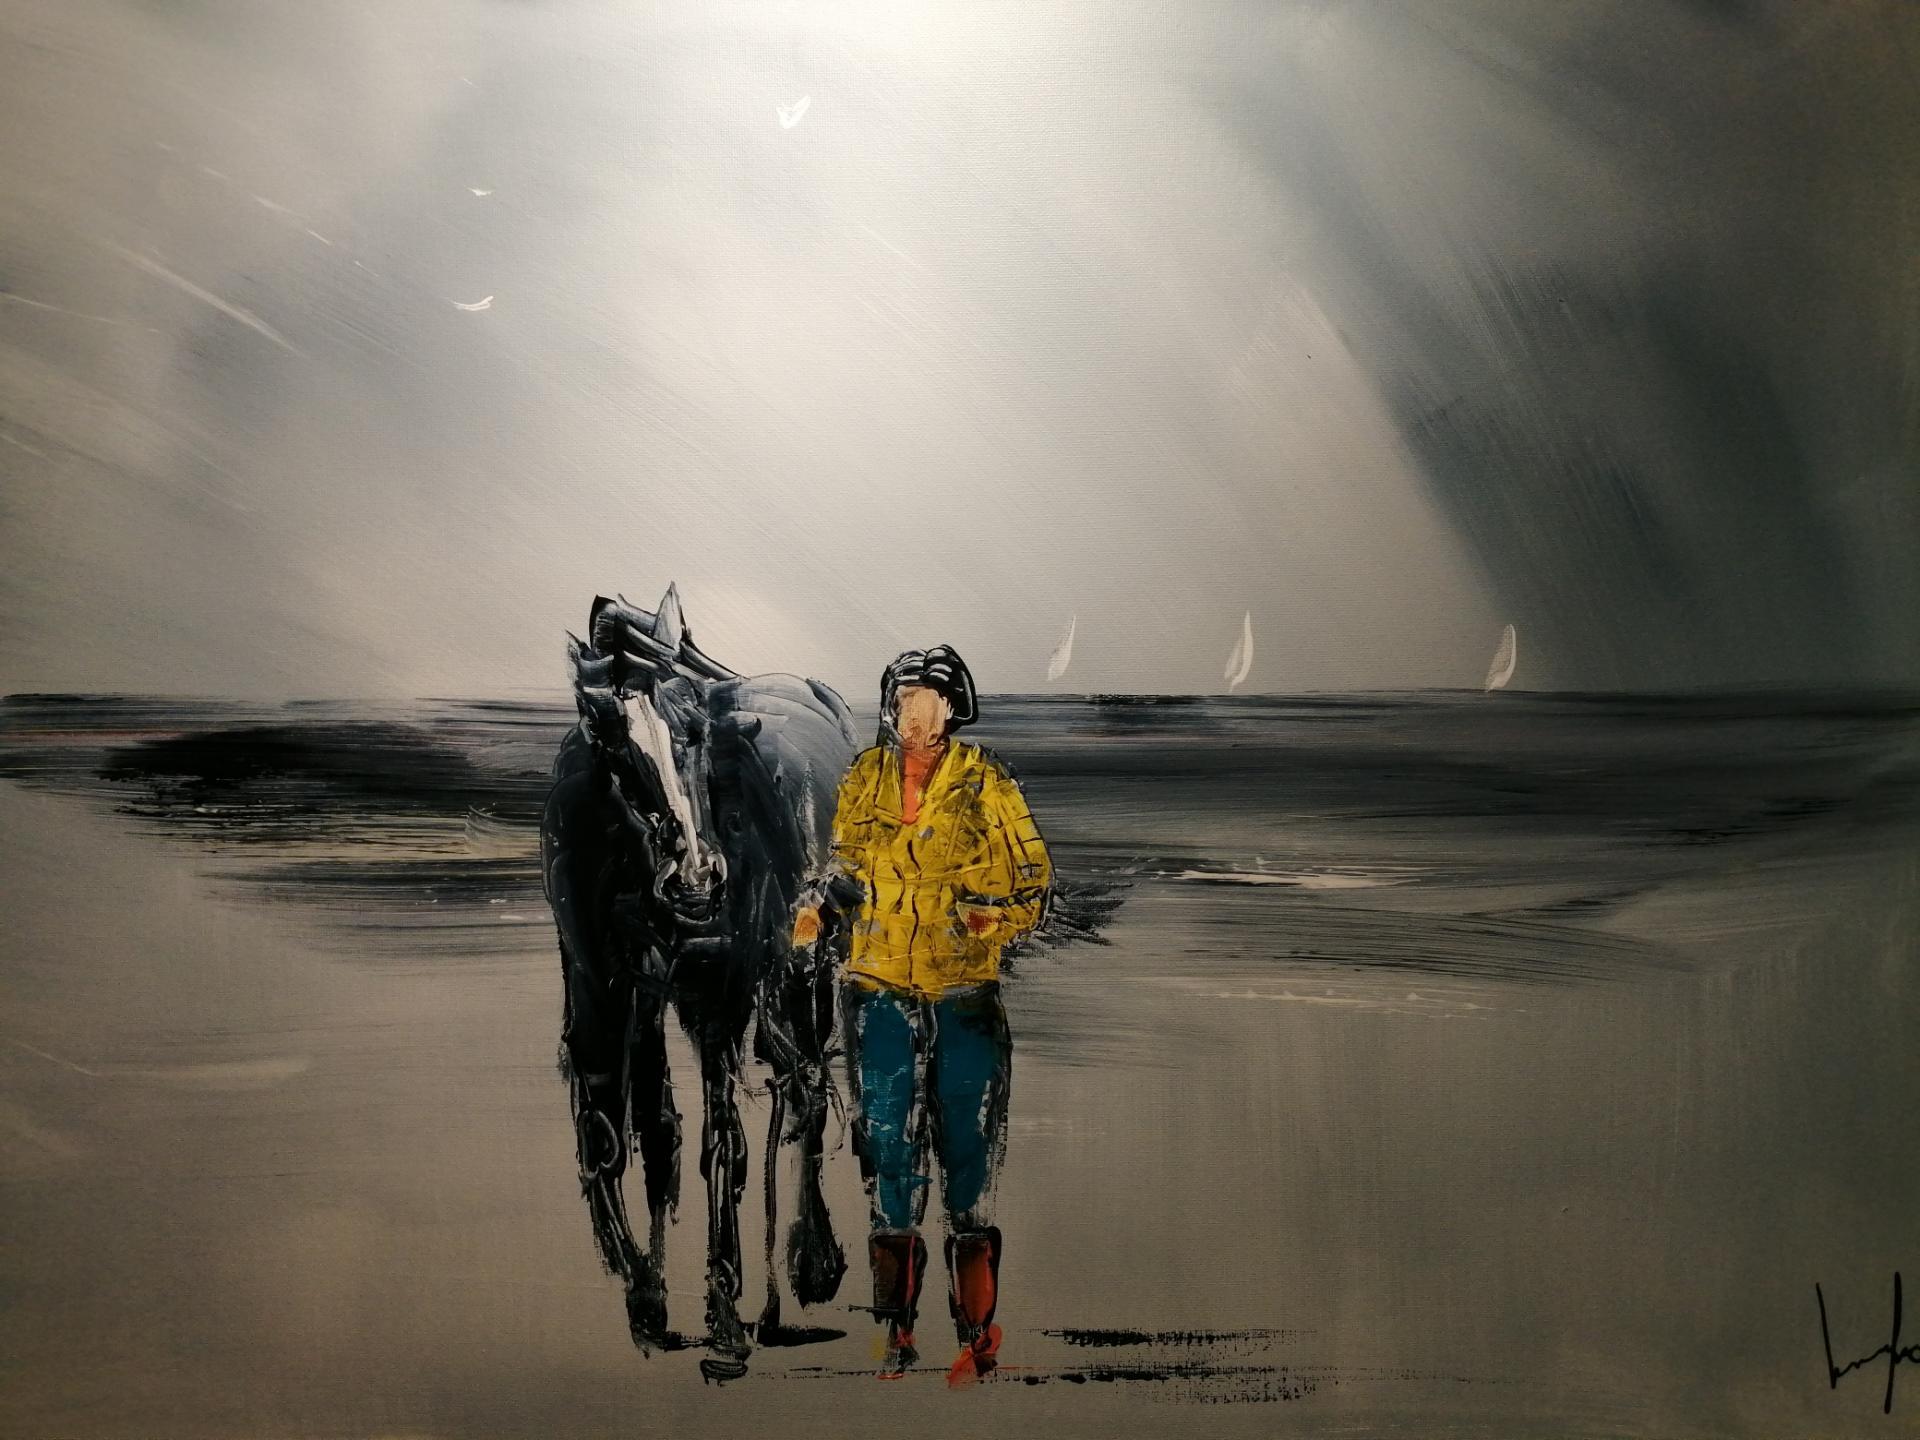 la balade avec le cheval sur la plage